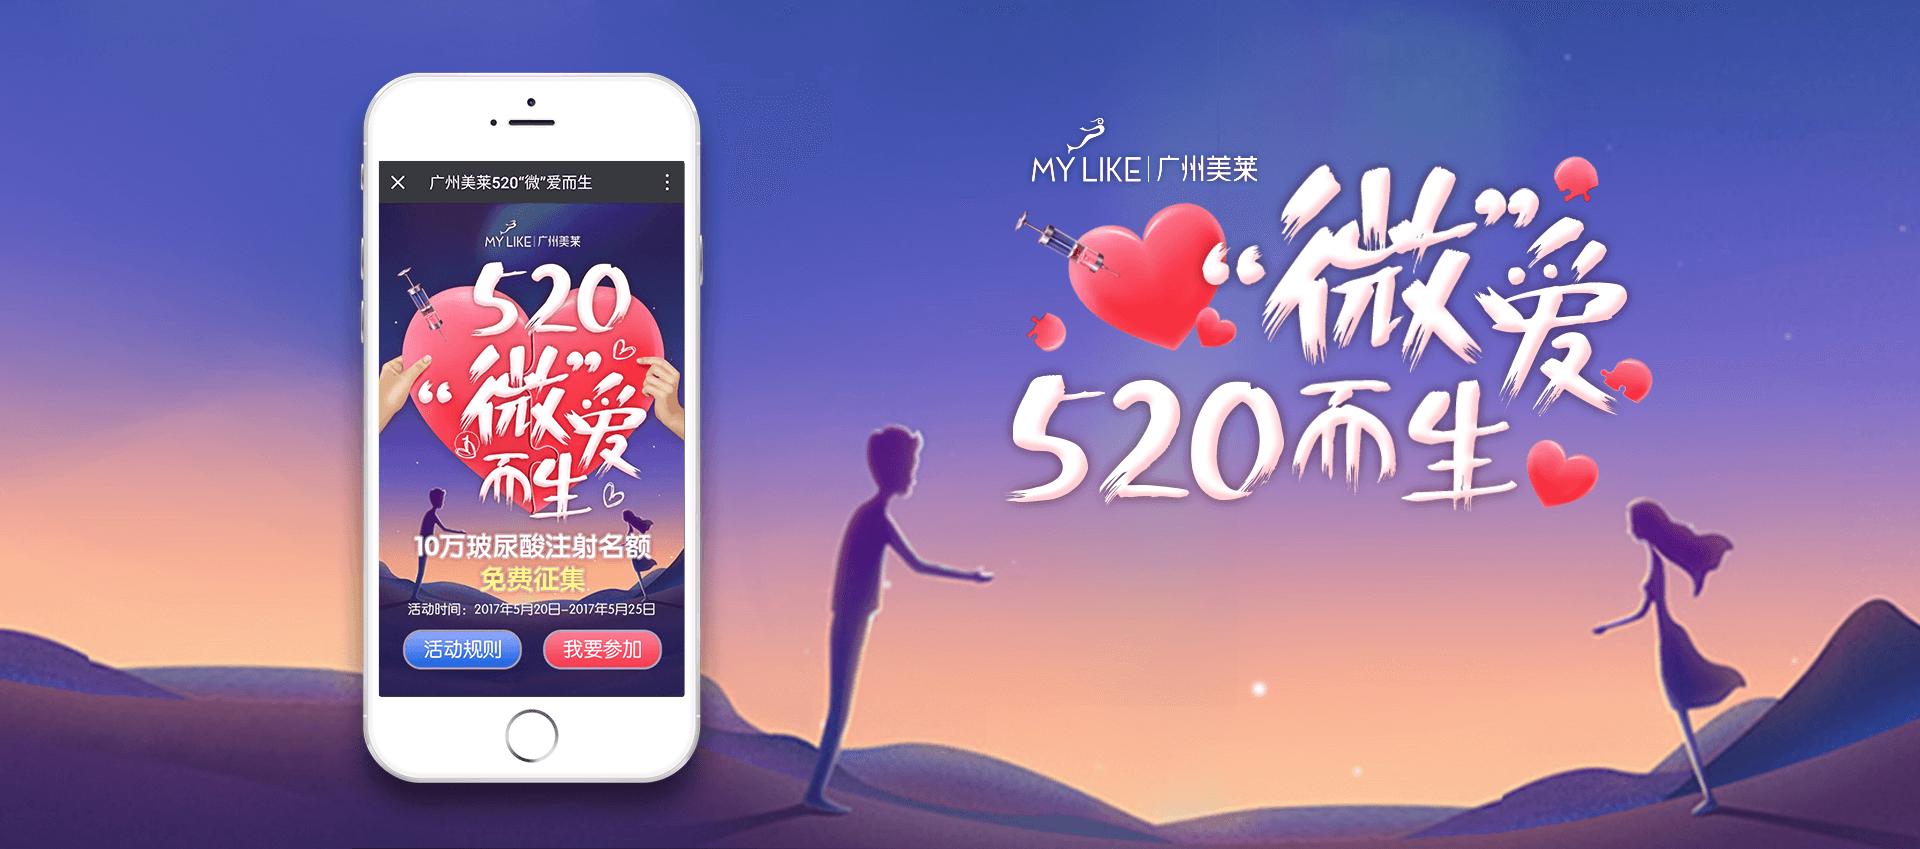 """广州美莱520""""微""""爱而生"""